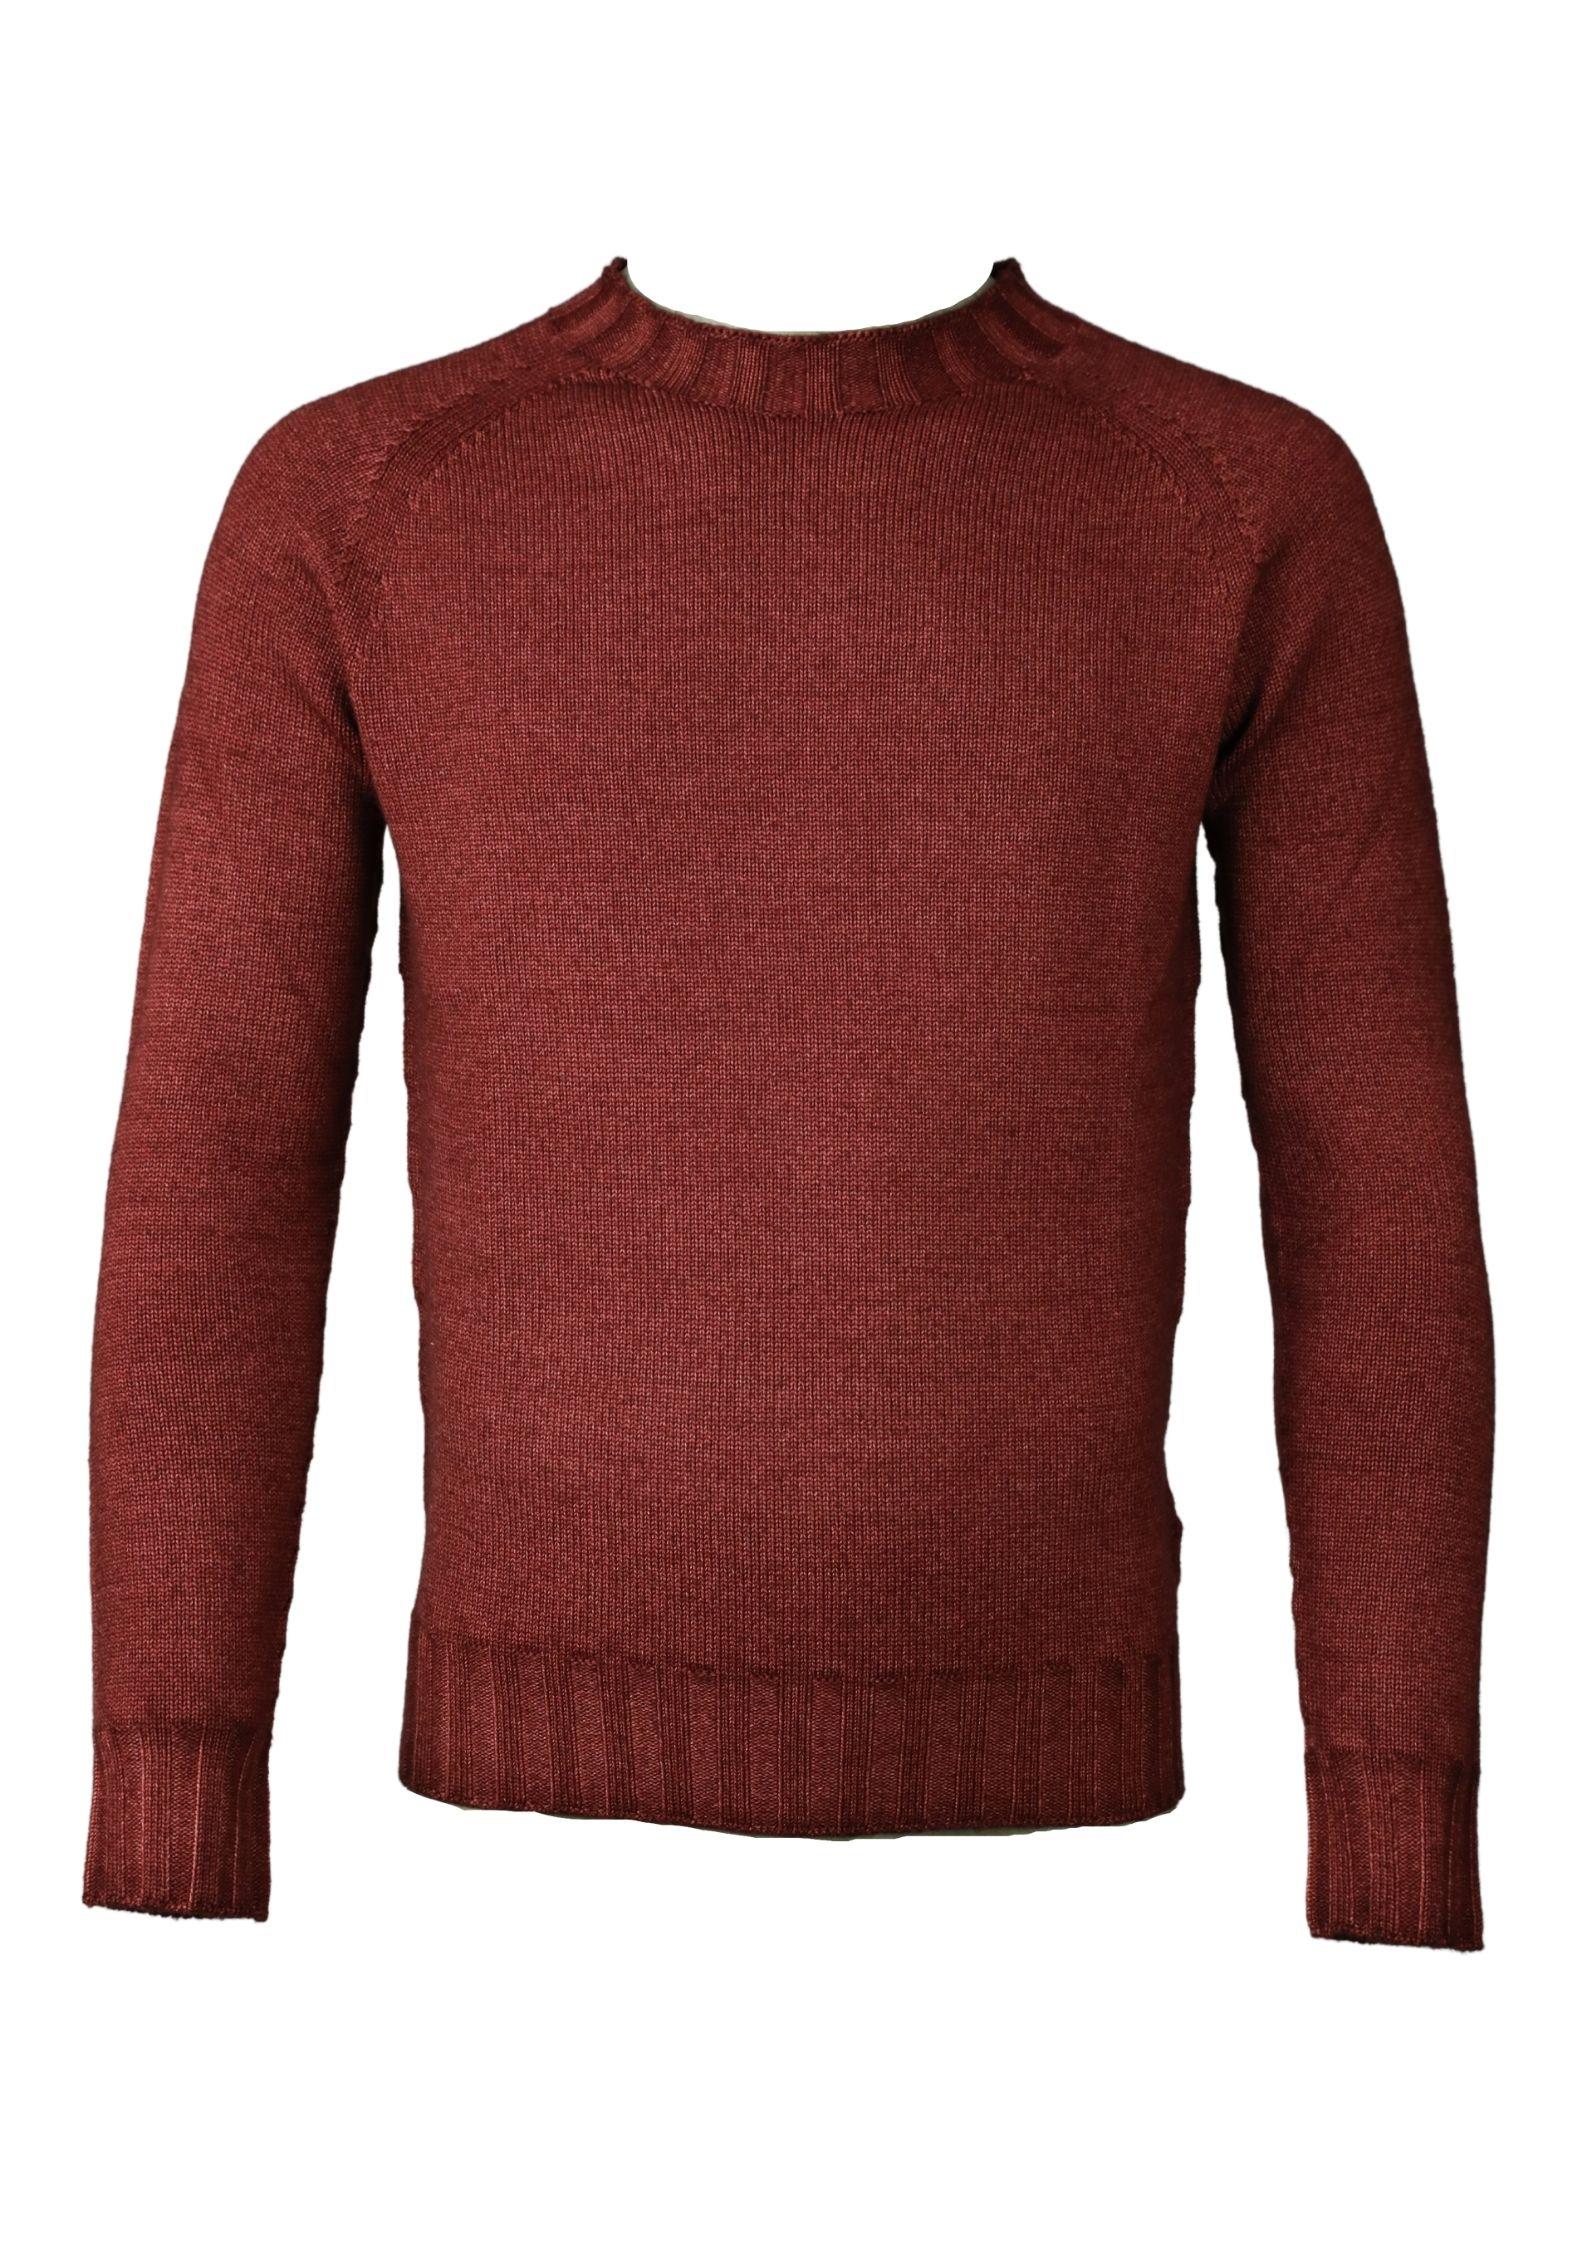 H953 | Knitwear | 334951